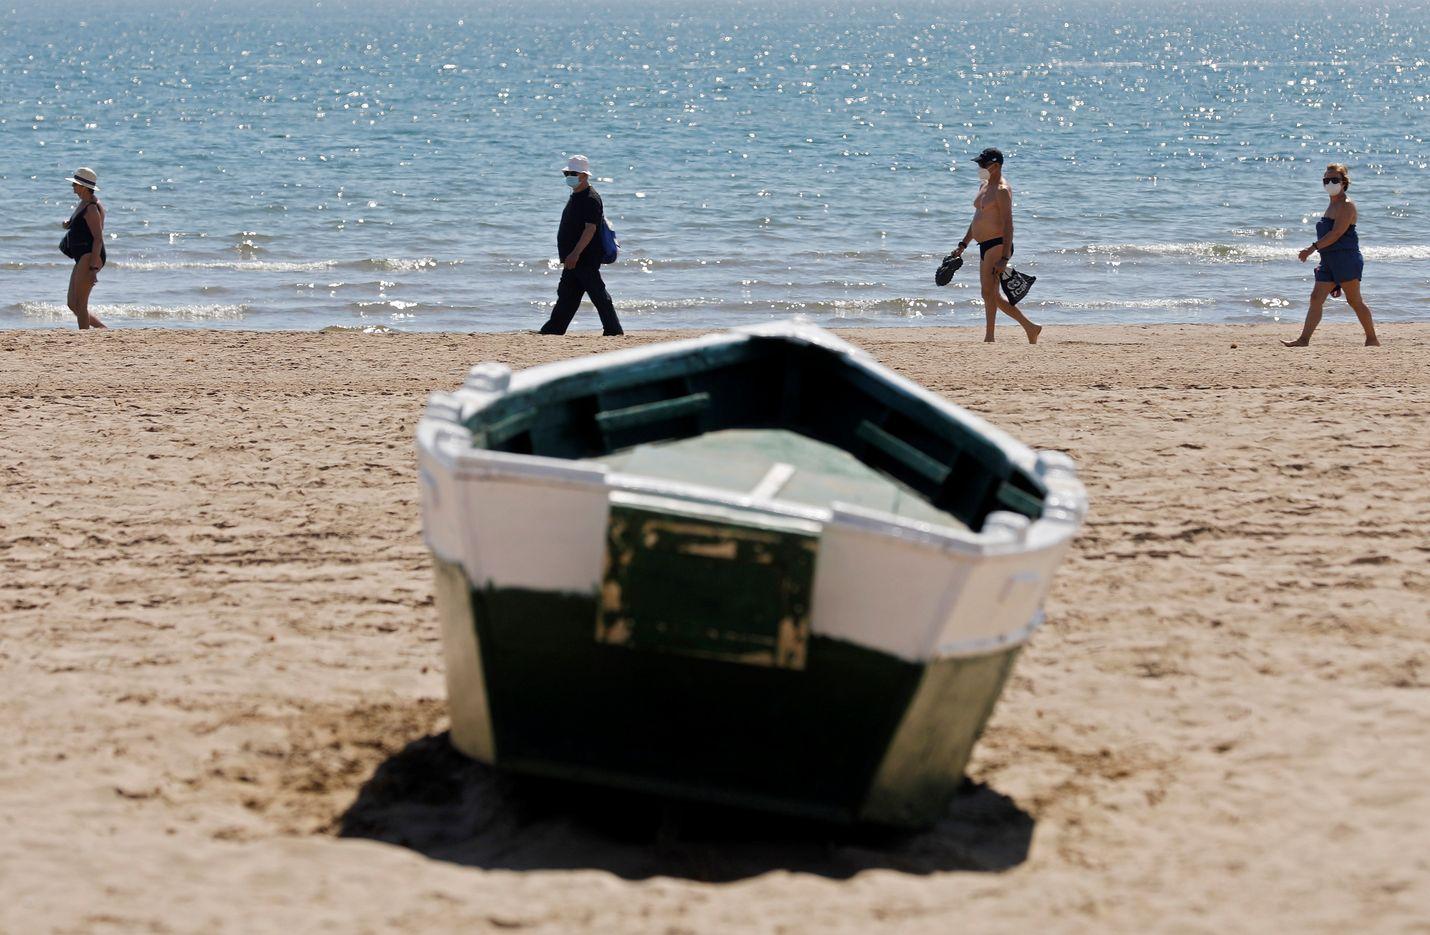 Ihmiset huolehtivat etäisyyden säilyttämisestä Malvarrosan rannalla Espanjan Valenciassa perjantaina.